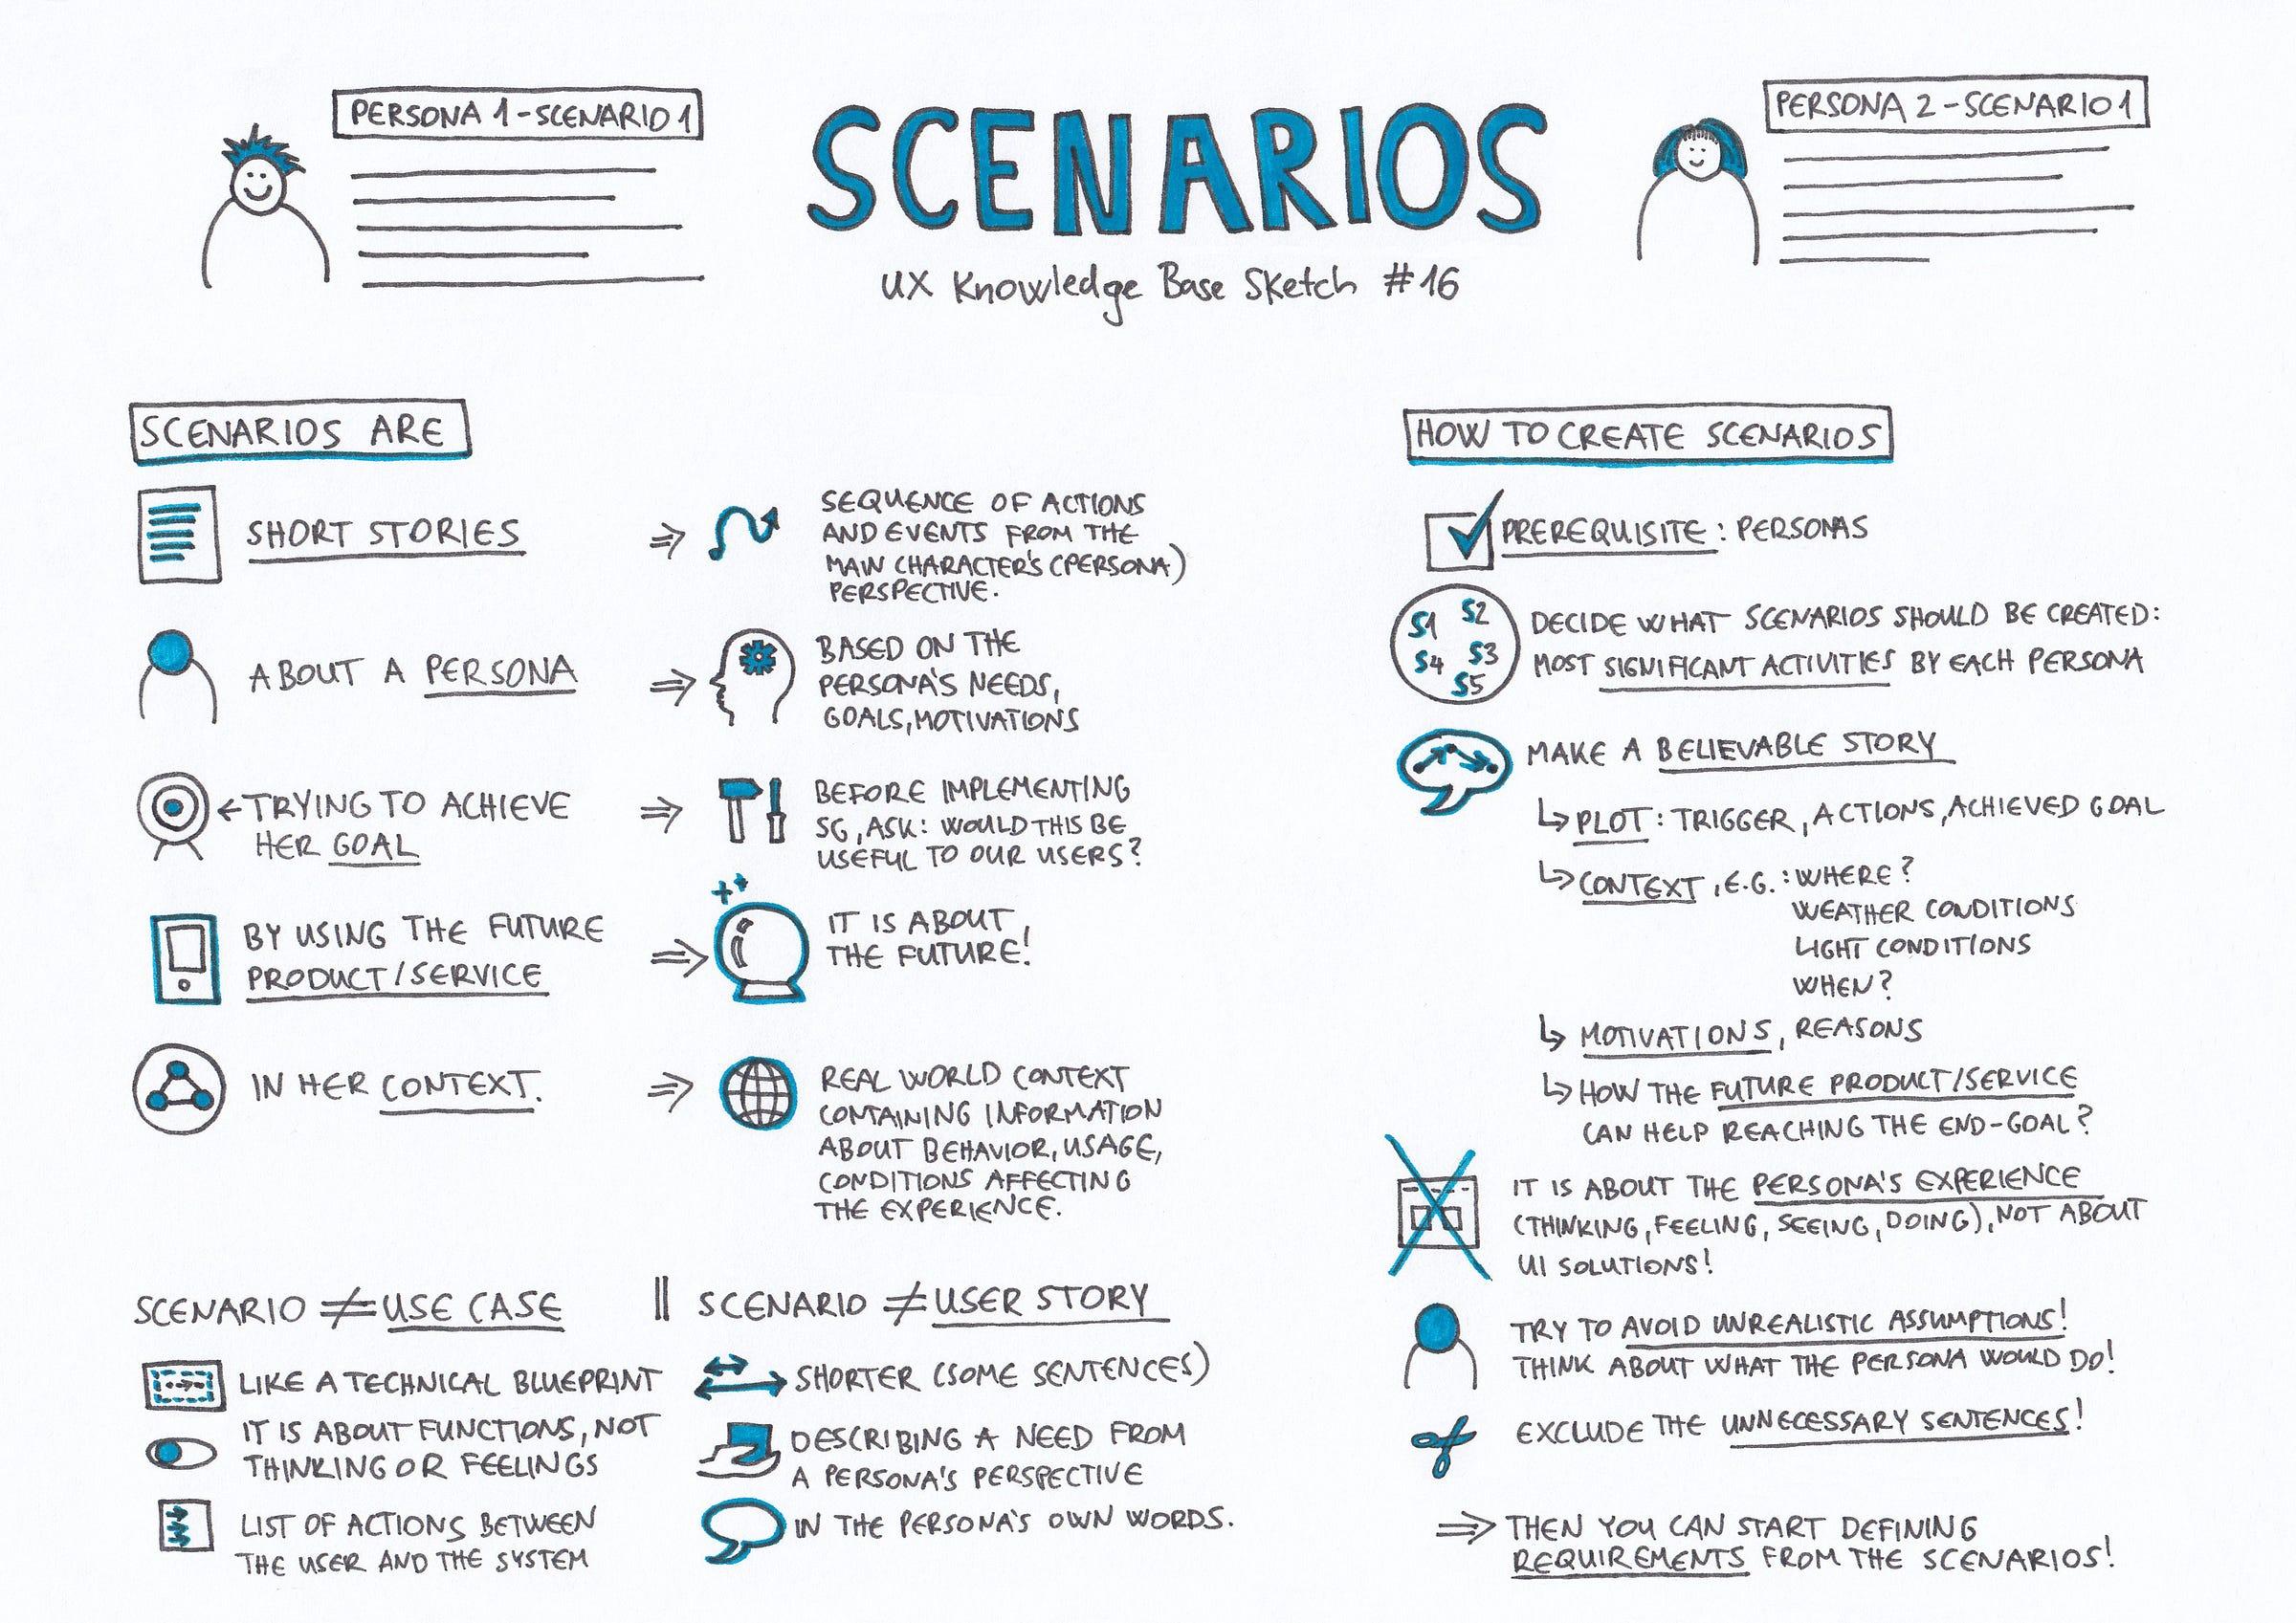 Scenarios Ux Knowledge Base Sketch